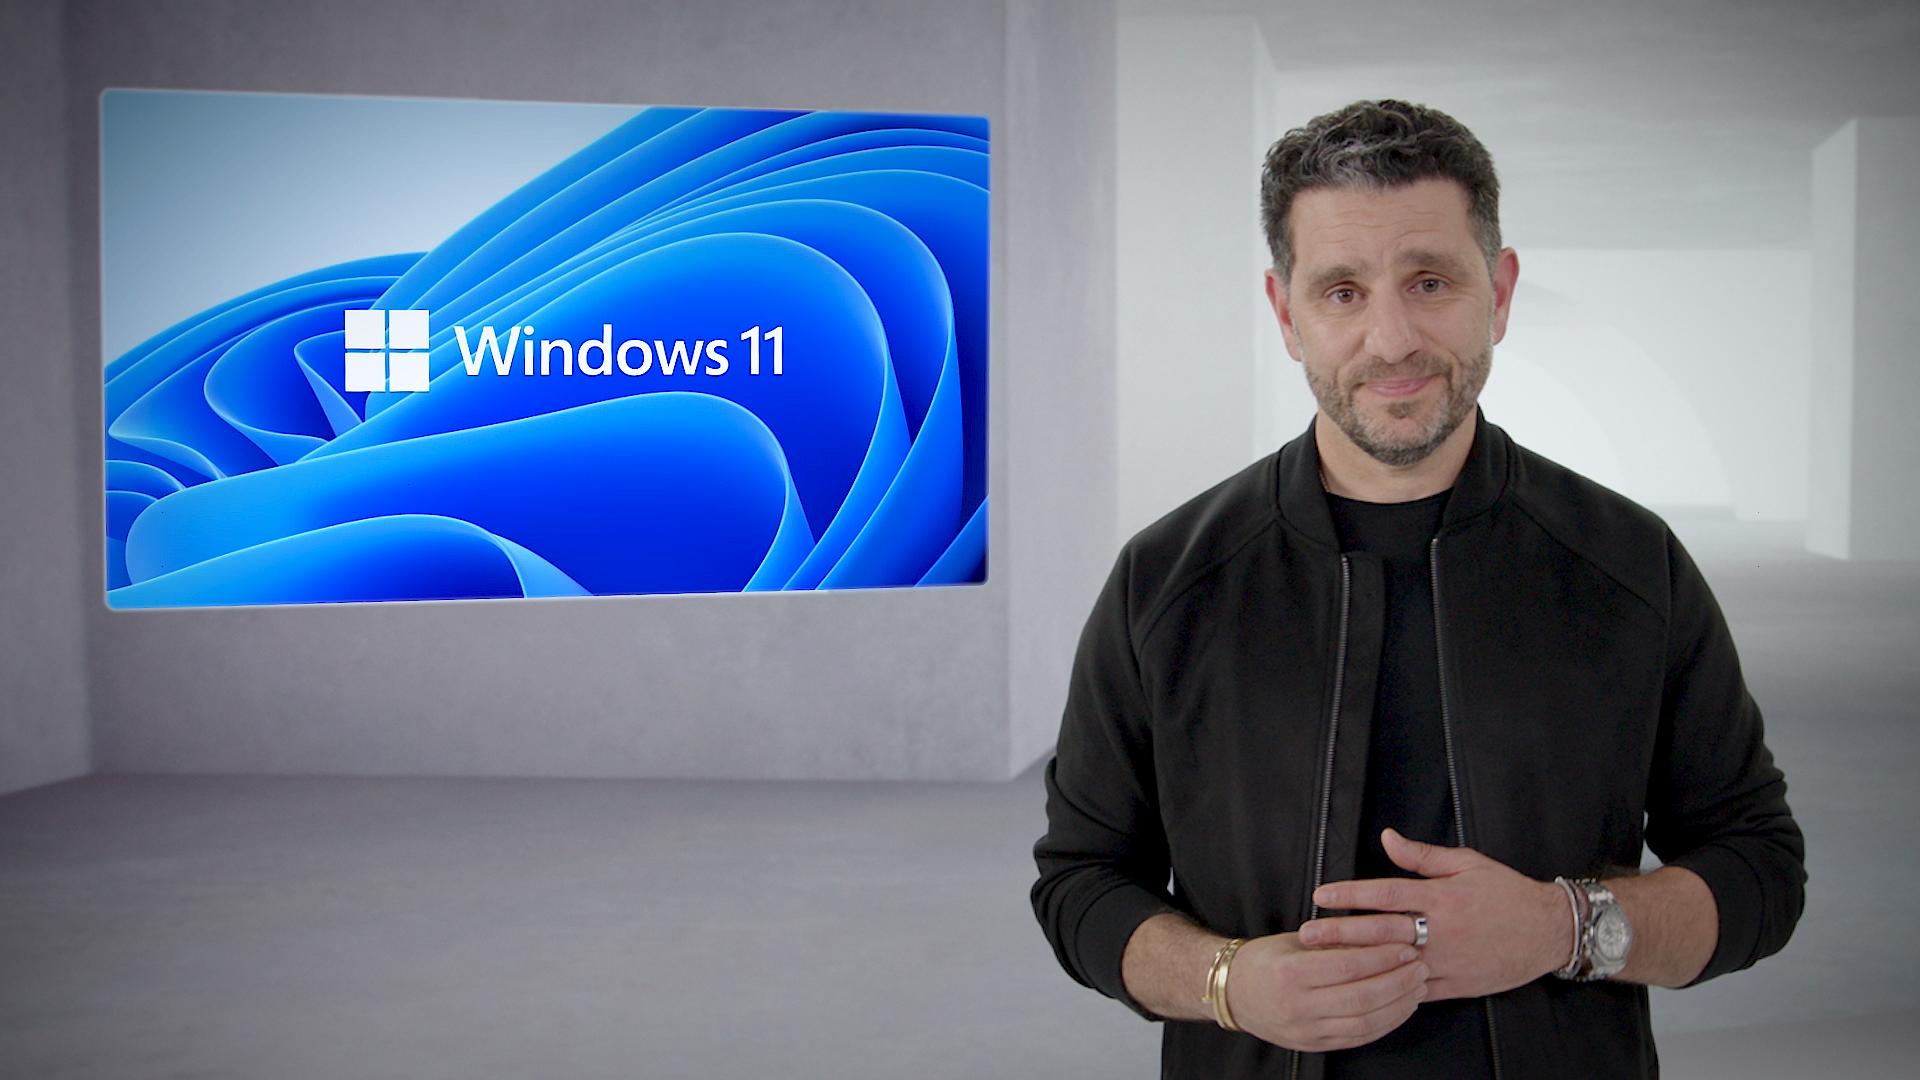 Windows-sjef Panos Panay var i førersetet da Microsoft for alvor dro duken av Windows 11.